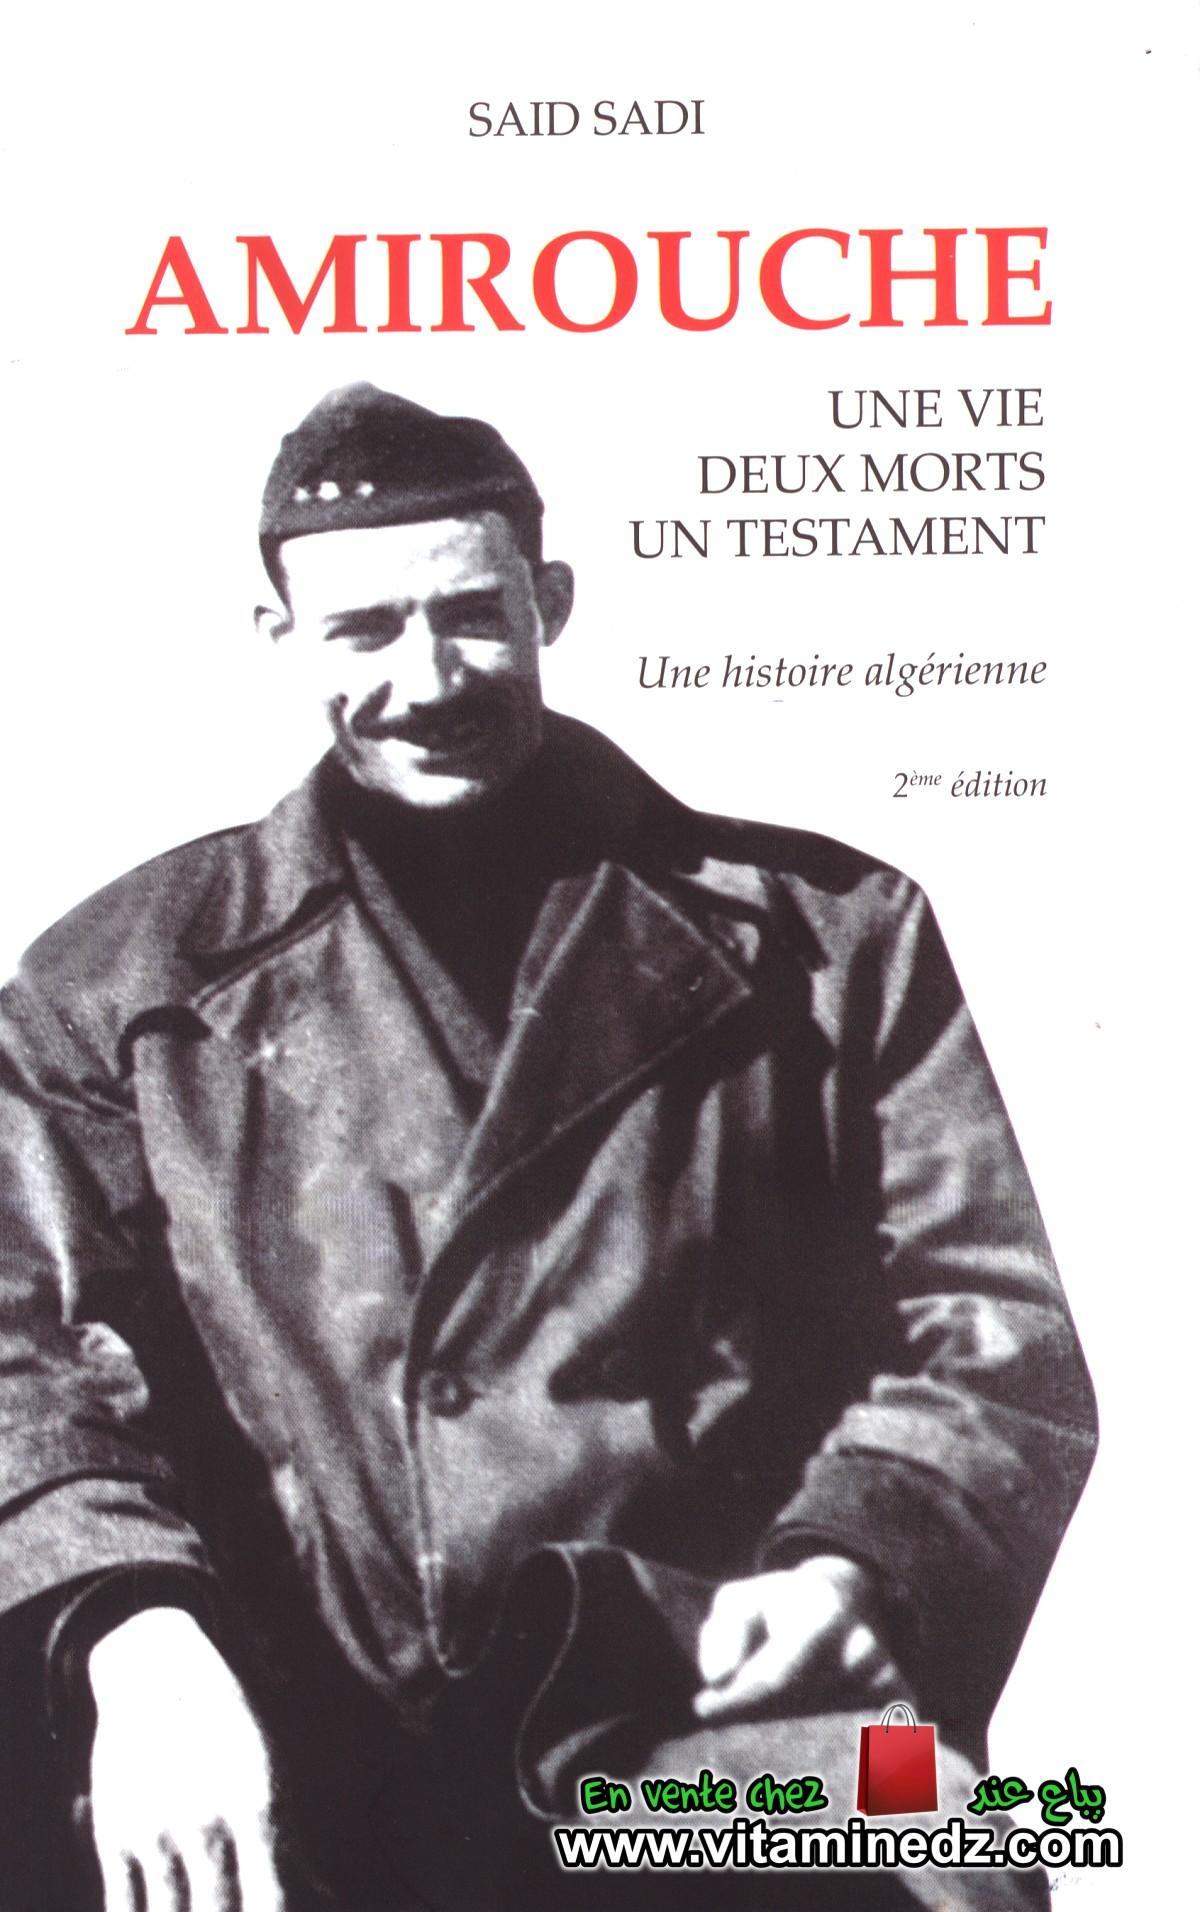 Said Saadi - Amirouche, une vie, deux morts ,un testament